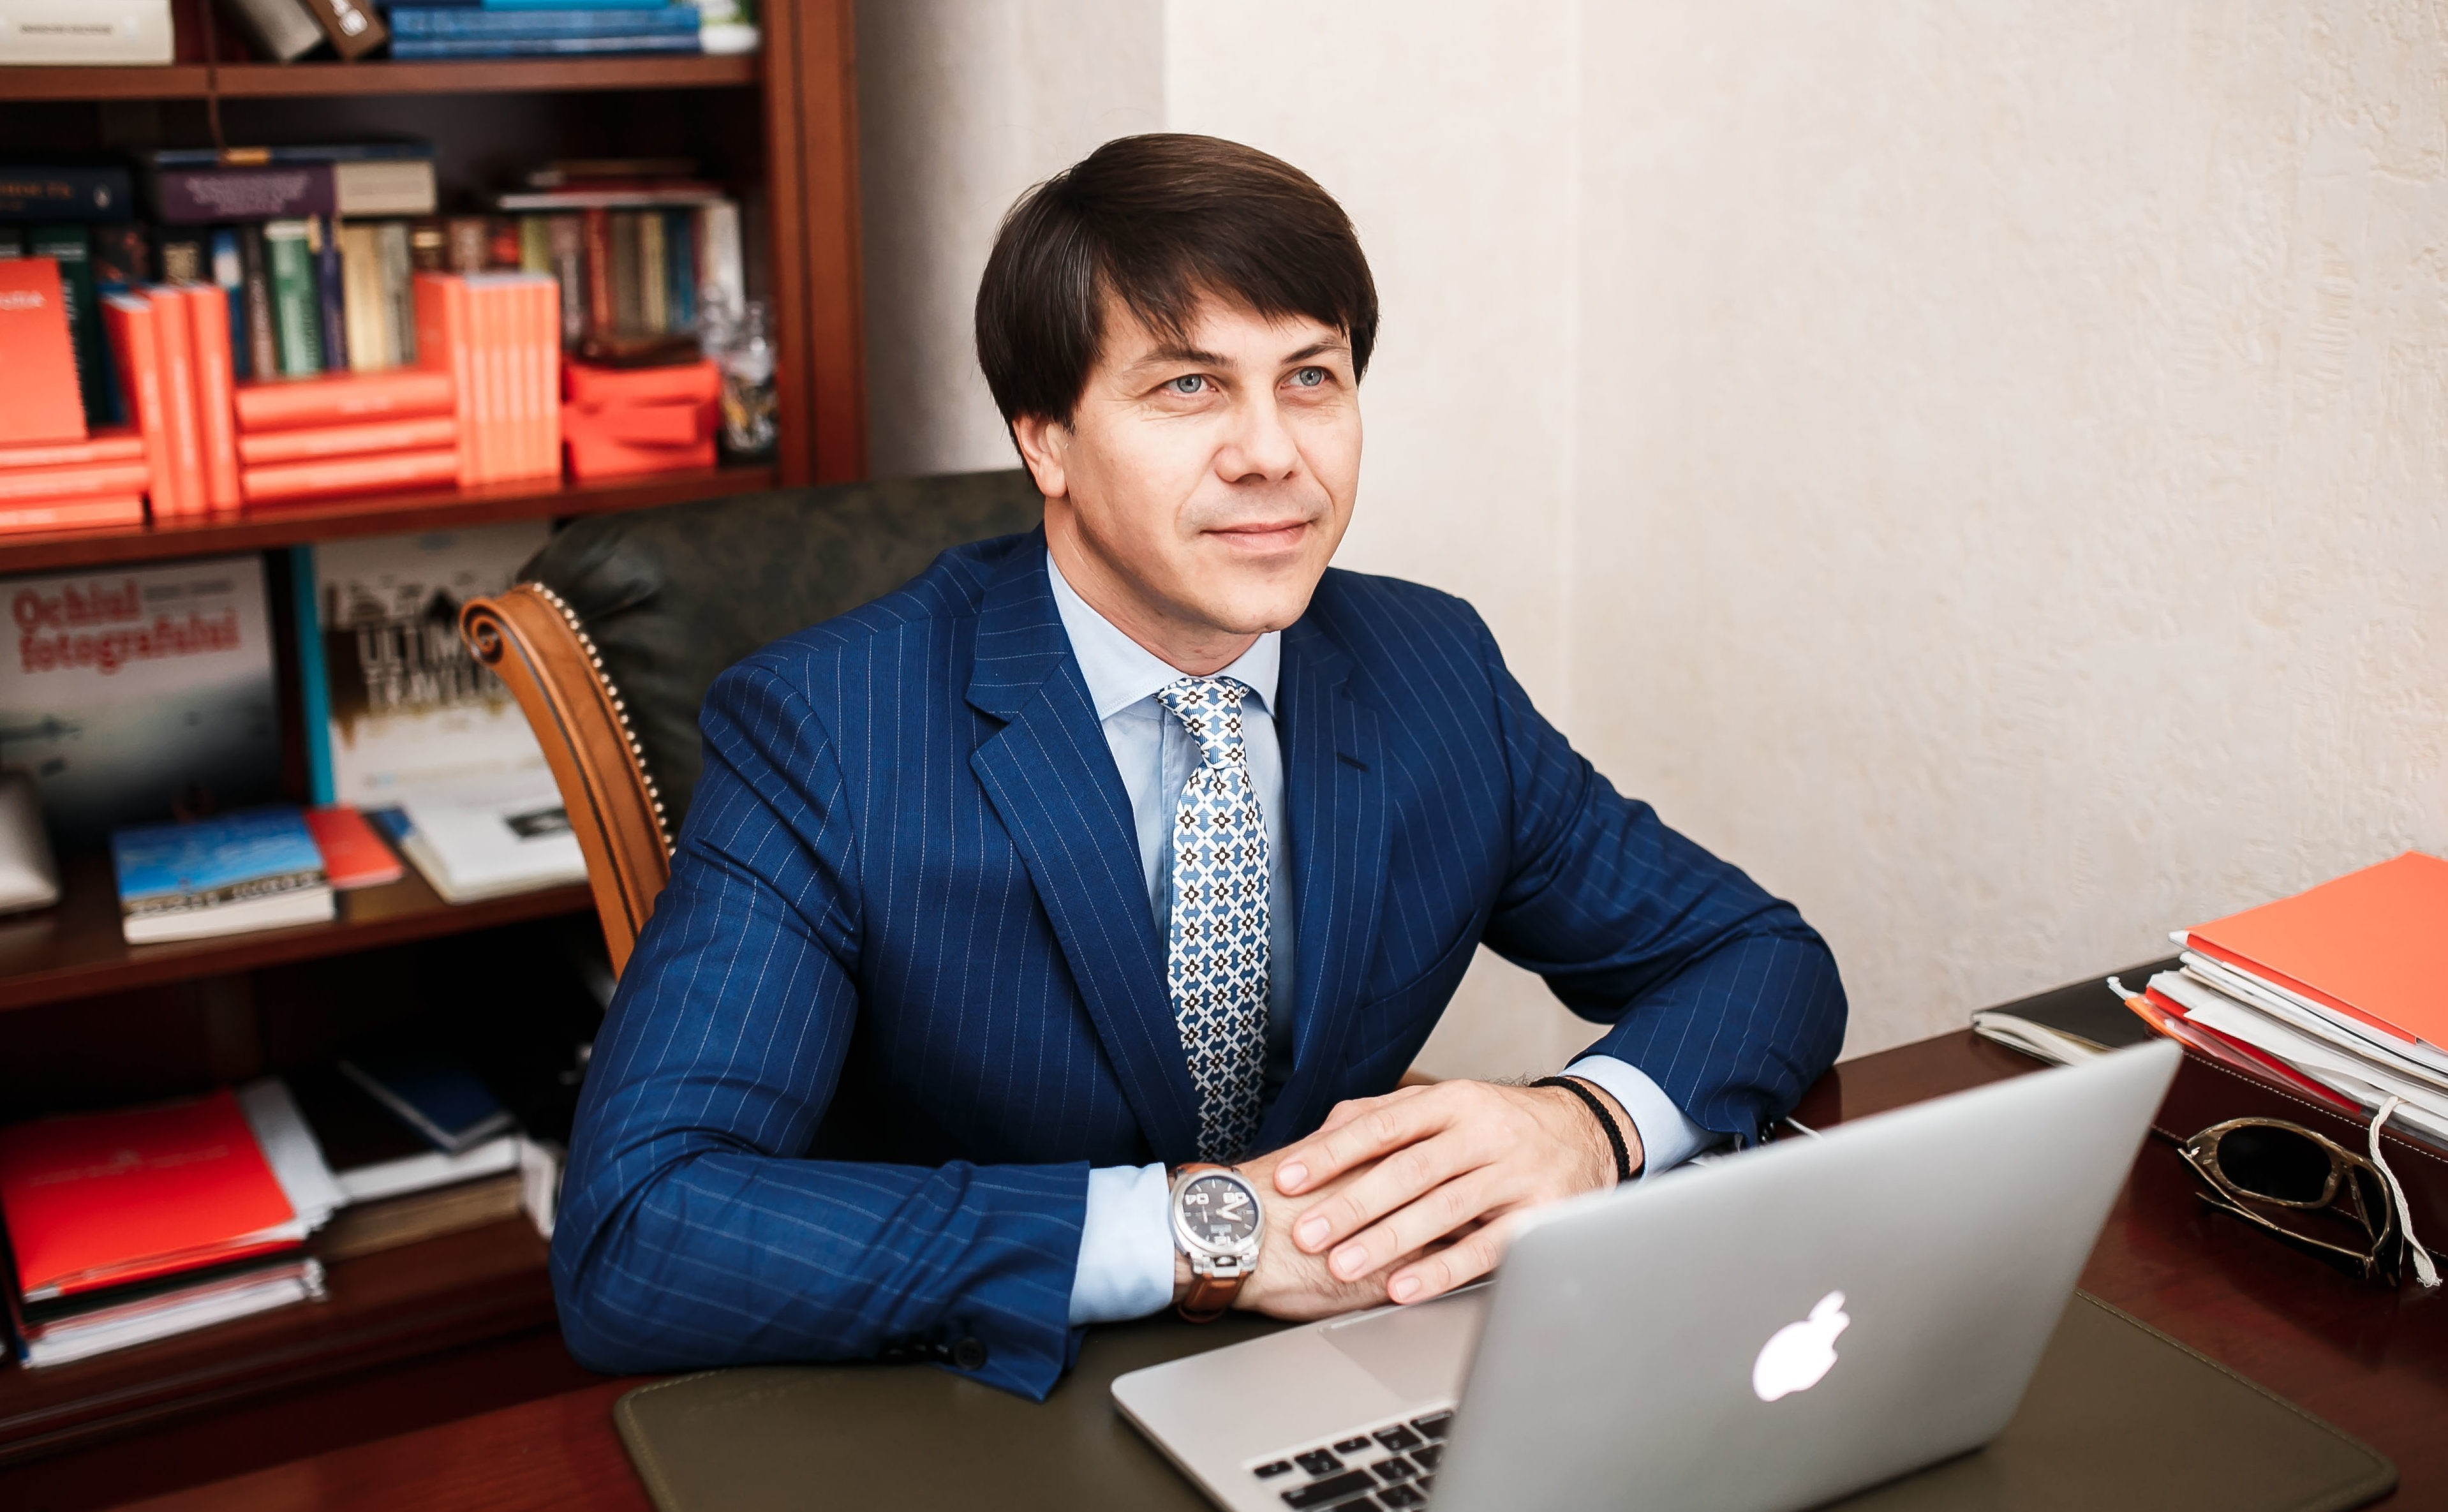 (INTERVIU) Oleg Efrim, fondatorul BizLaw: Mă motivează să arăt prin propriul exemplu cum putem contribui la schimbare